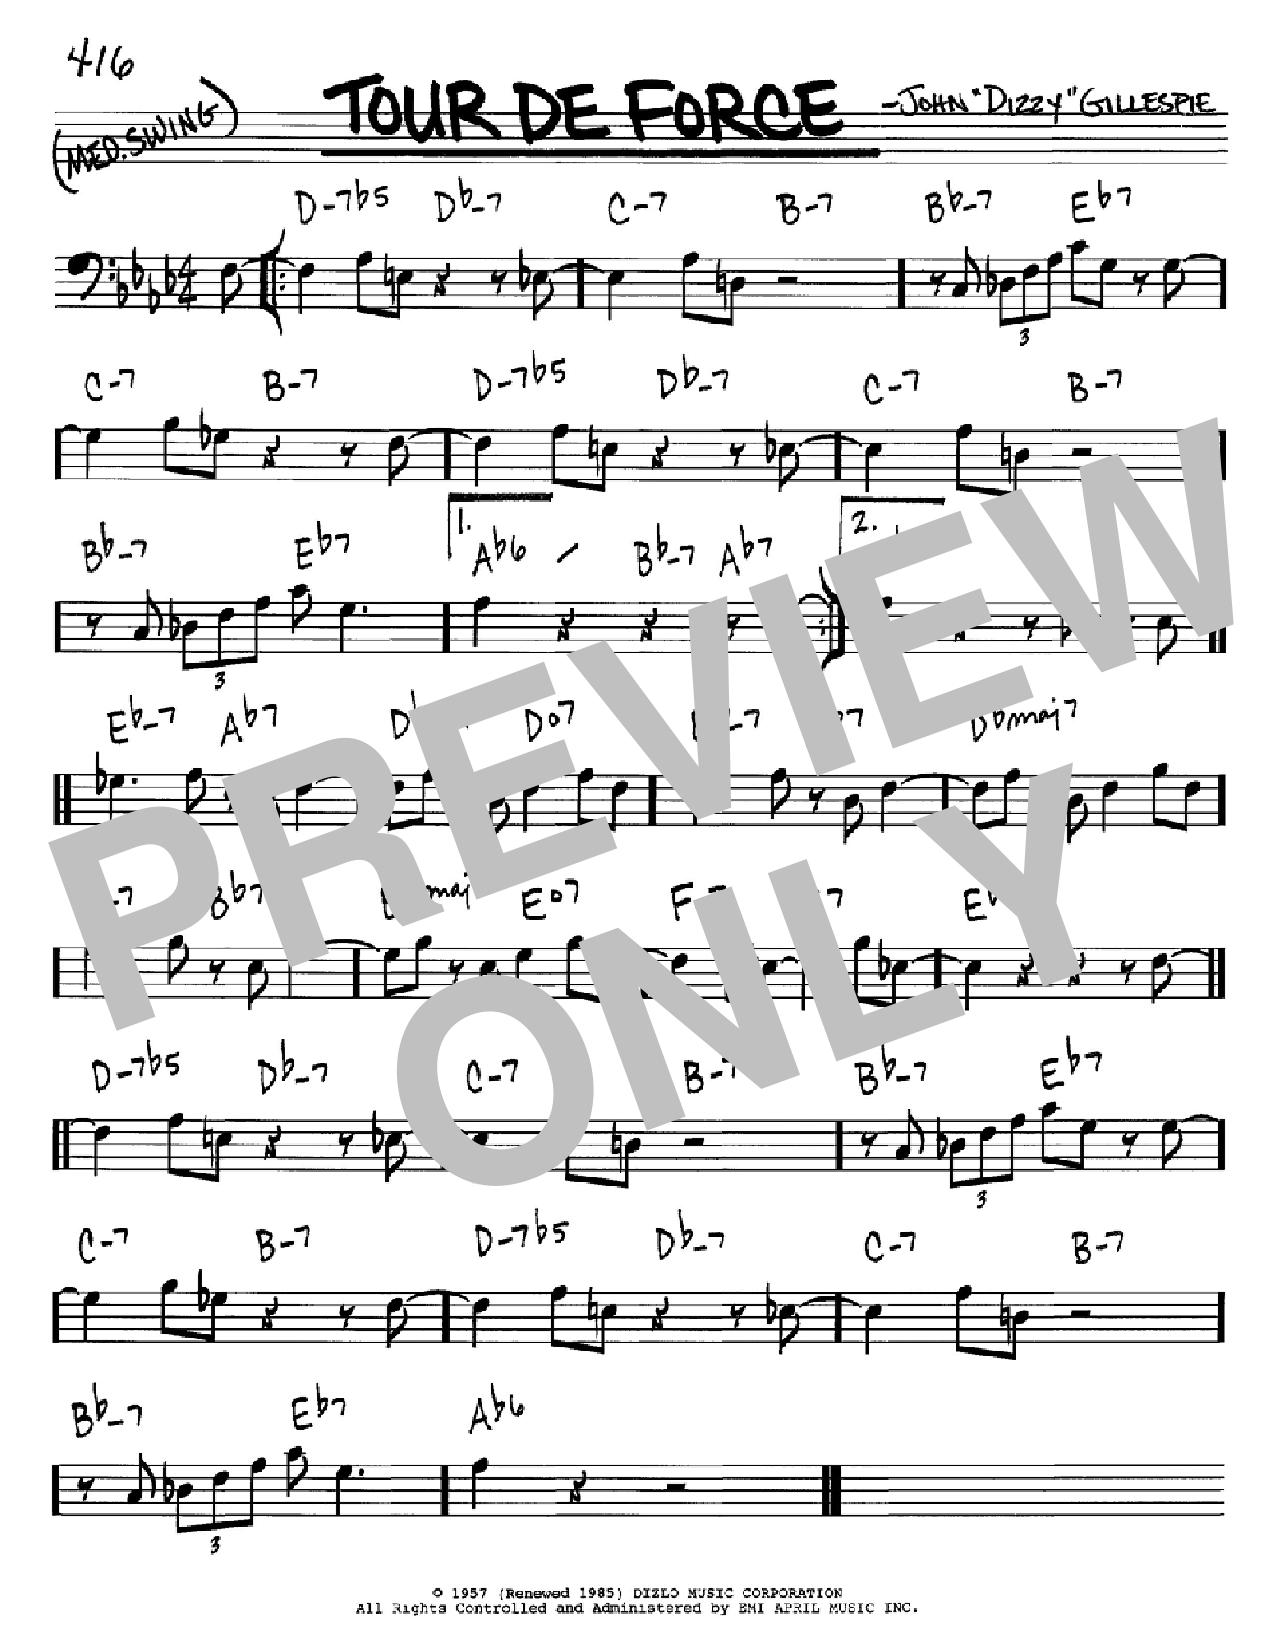 Partition autre Tour De Force de Dizzy Gillespie - Real Book, Melodie et Accords, Inst. En cle de Fa